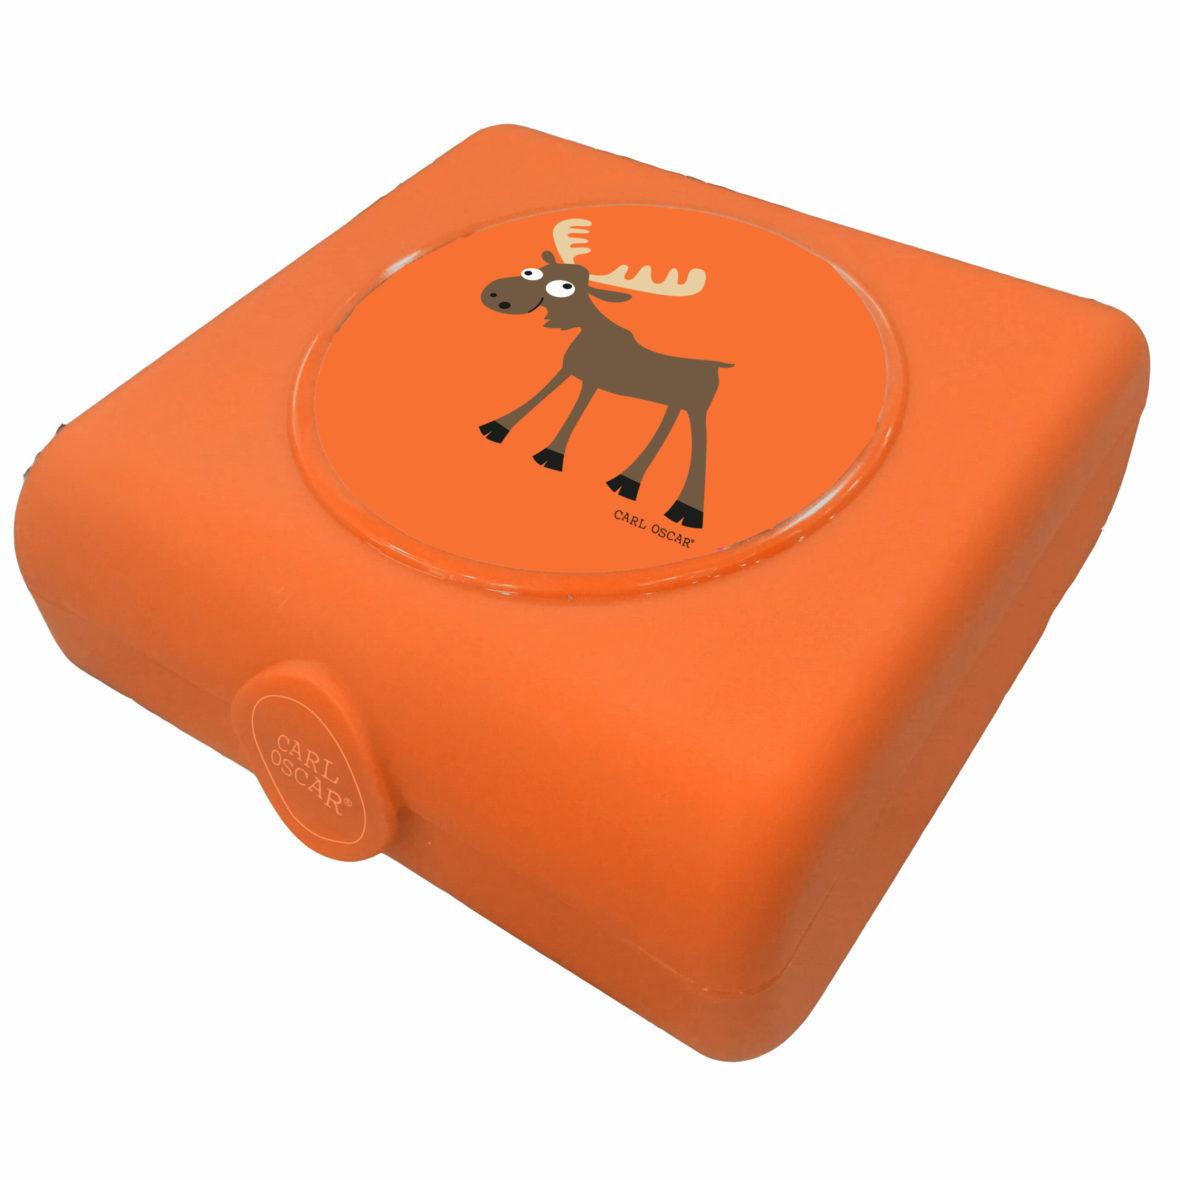 Carl Oscar Sandwich Boxes Orange Moose